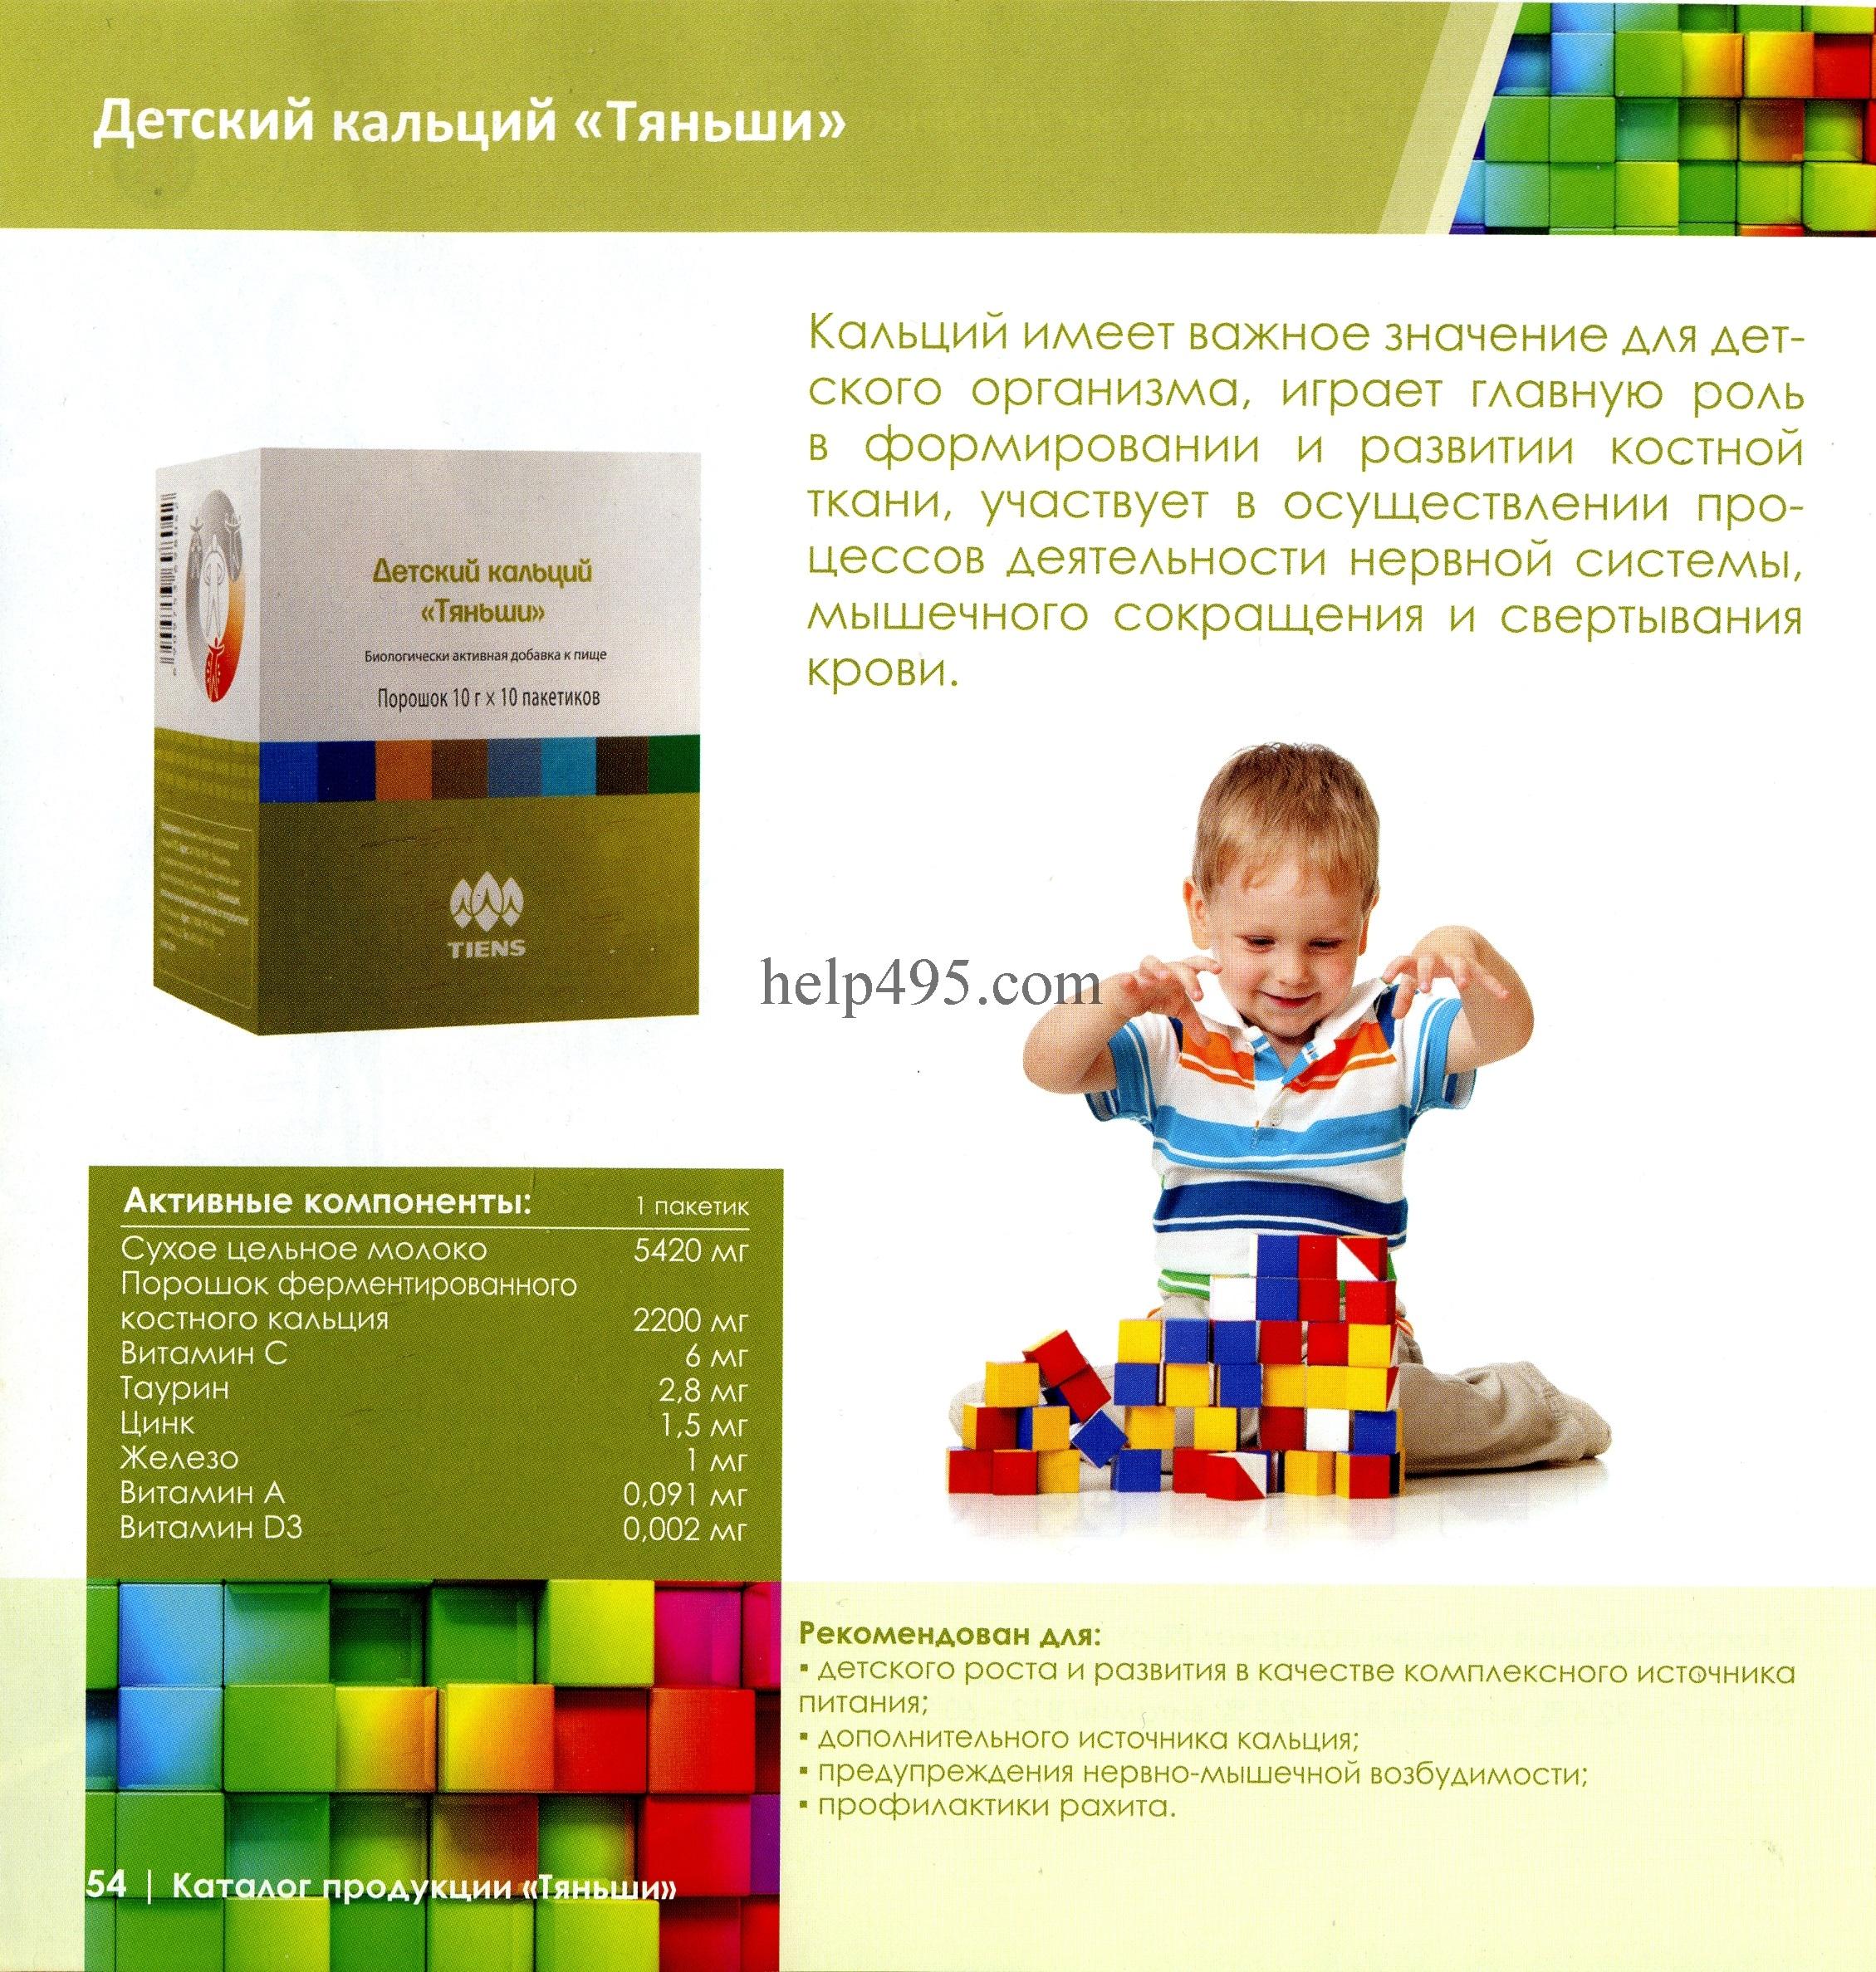 Состав Детского кальция Тяньши